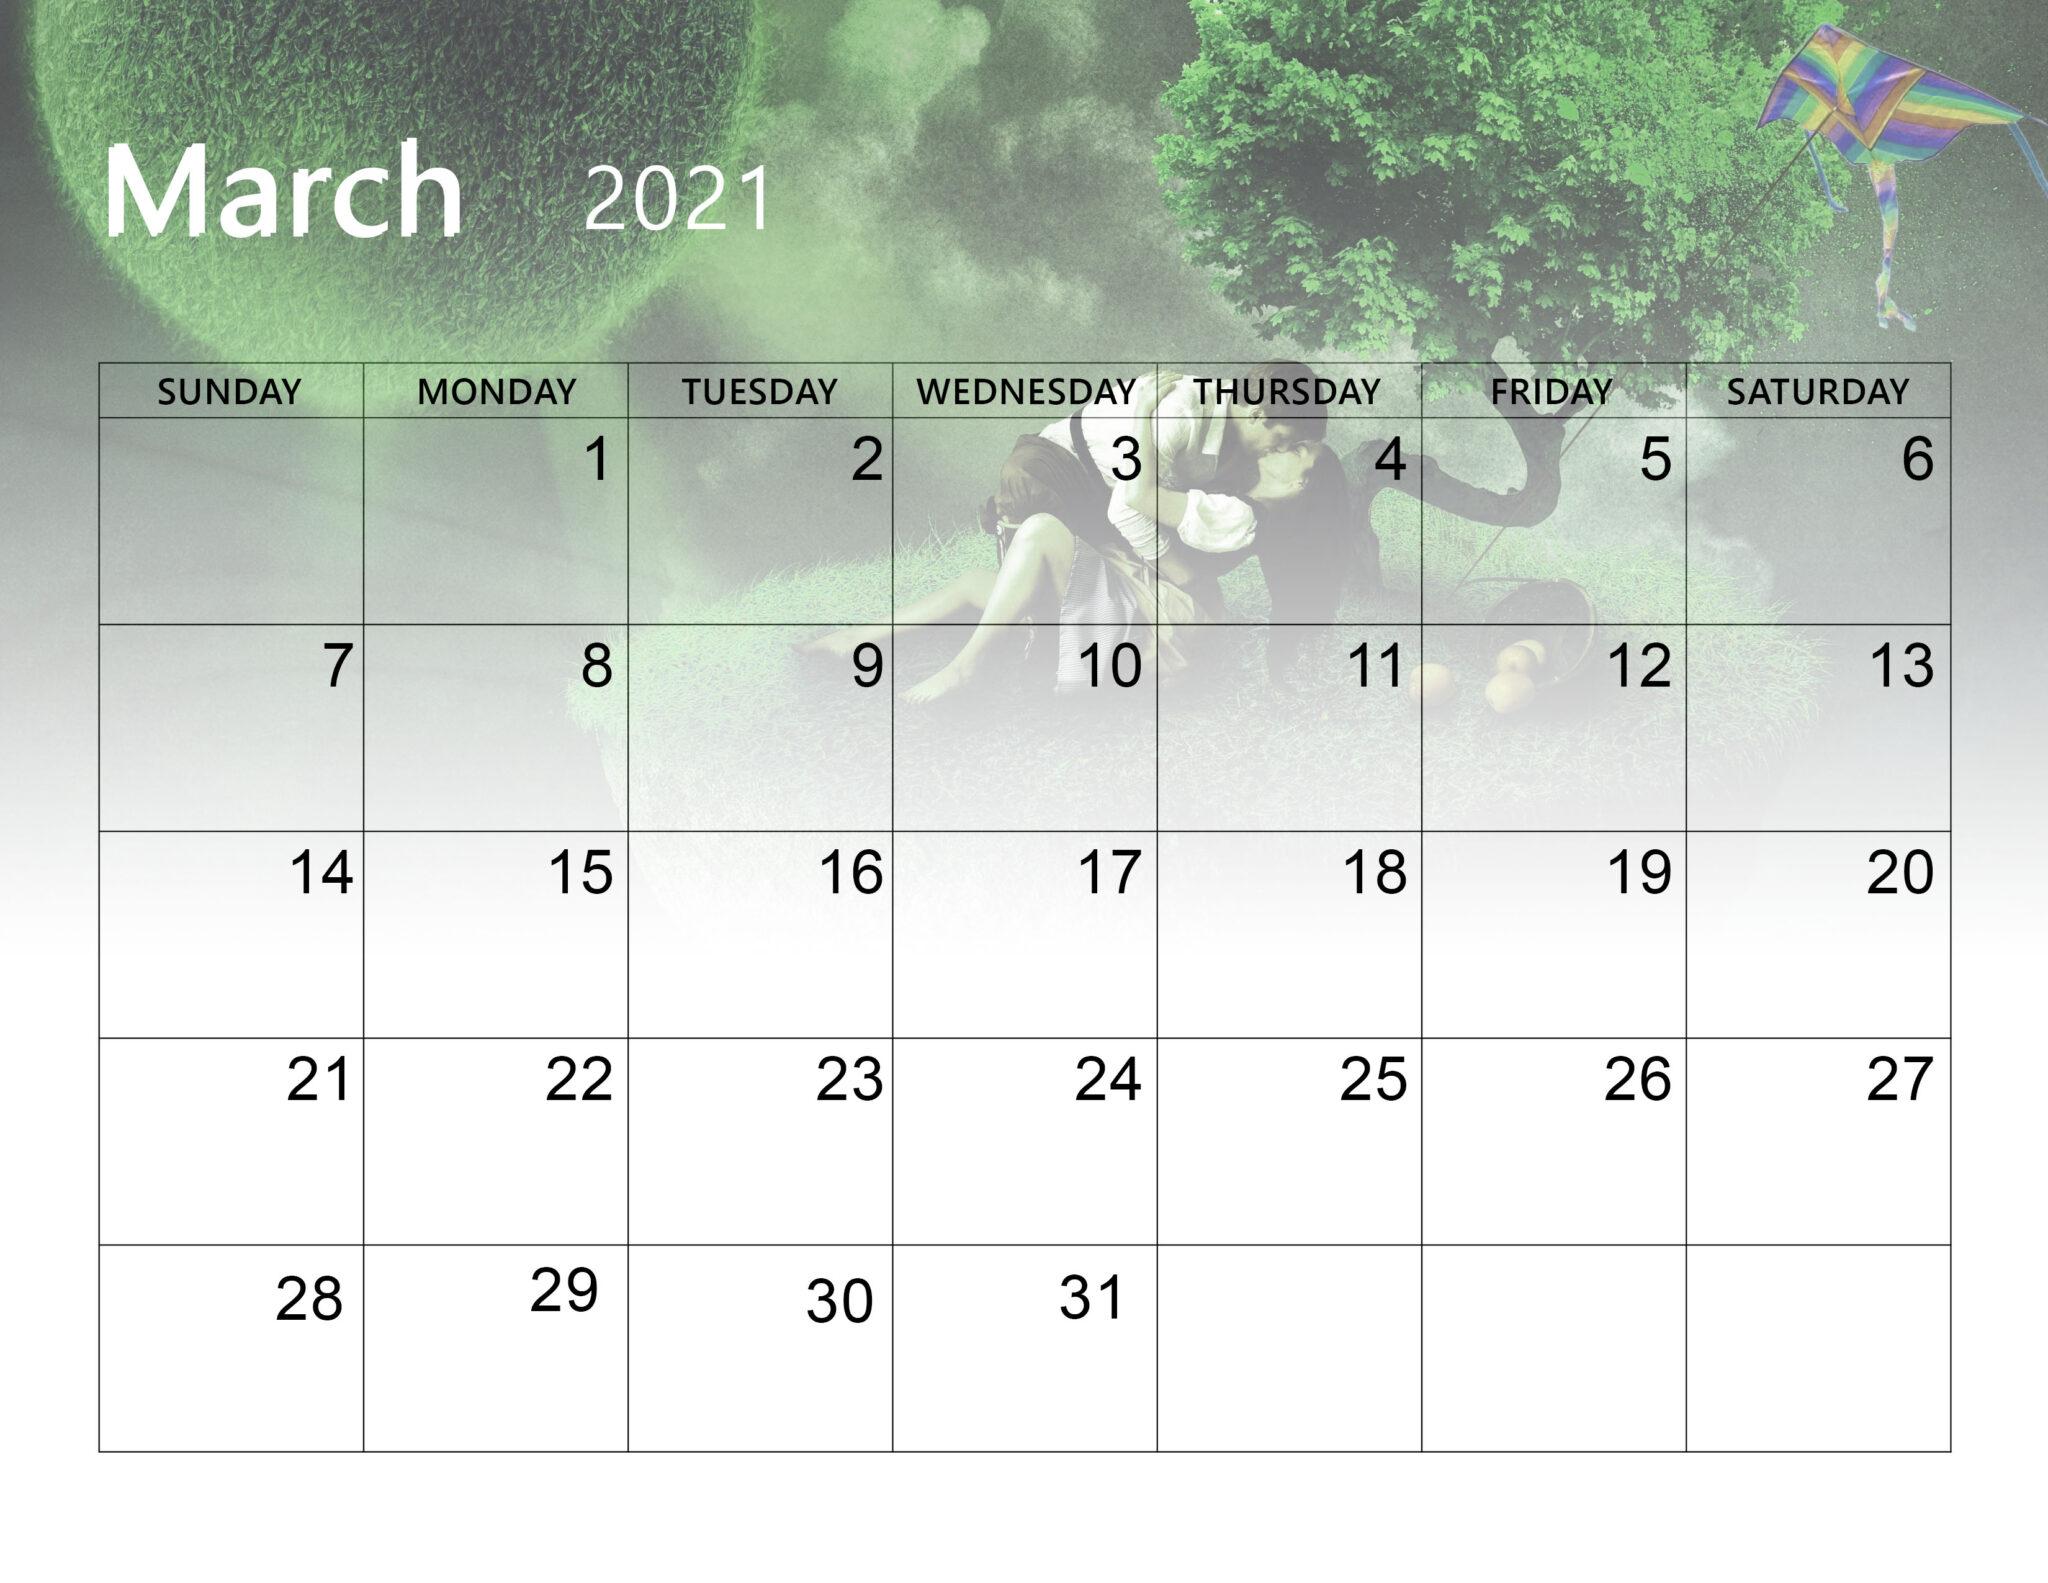 Download Cute March 2021 Calendar - Thecalendarpedia